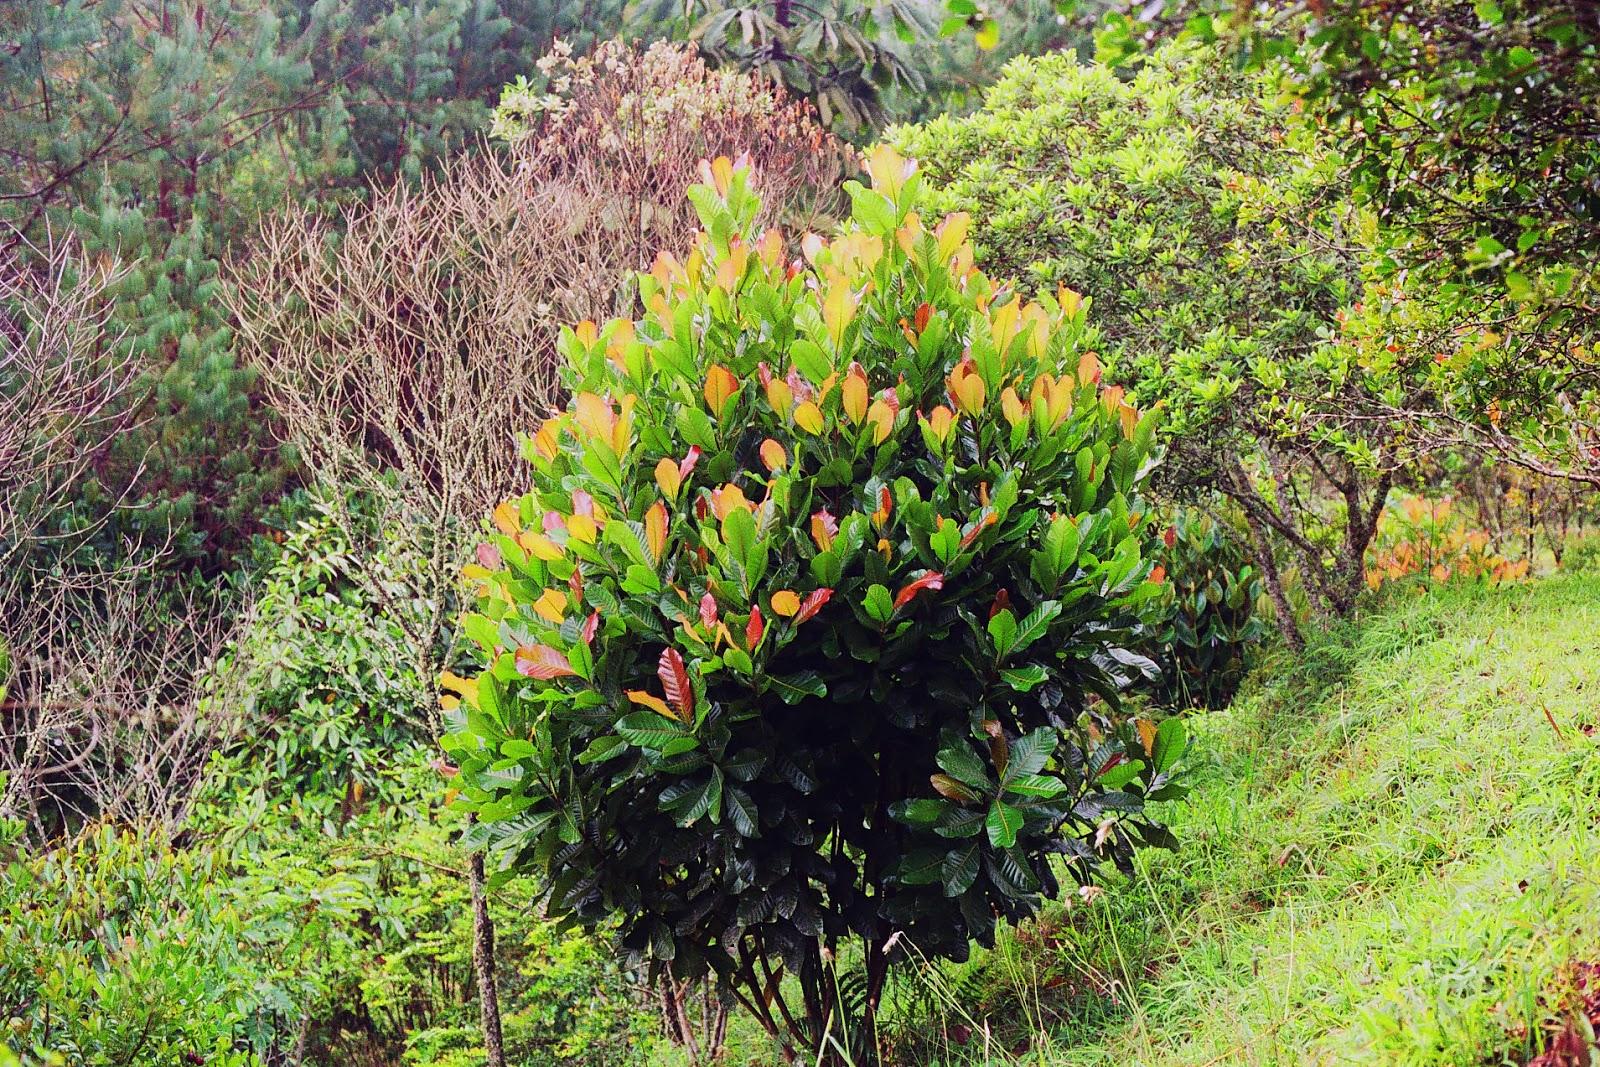 Historia detr s de los rboles el caunce for Caracteristicas de arboles frondosos